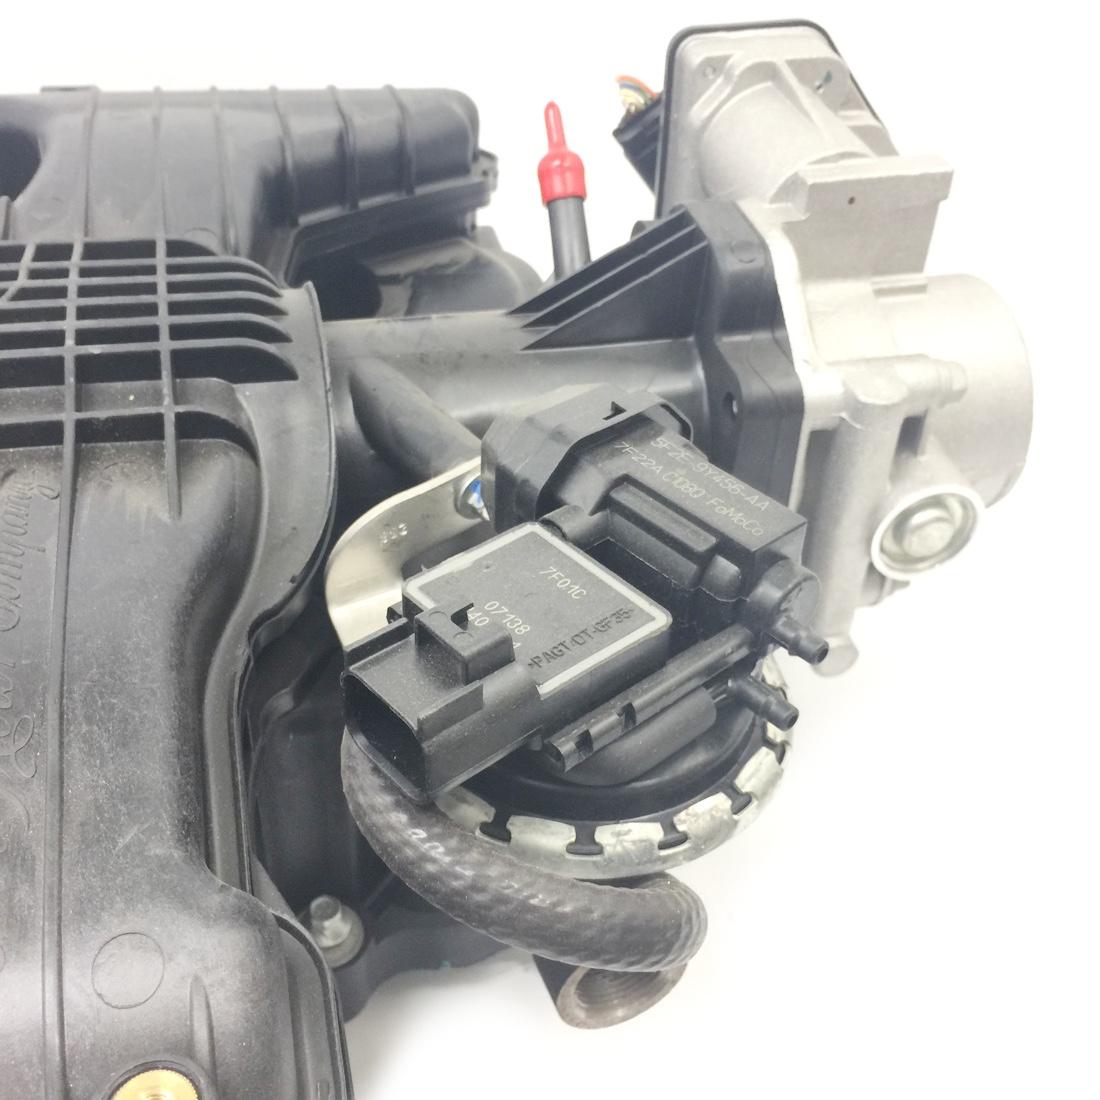 Gmc Yukon Slt >> Ford OEM 4.2L Intake 7L3E, 7L3Z9424d (COMPLETE) F150